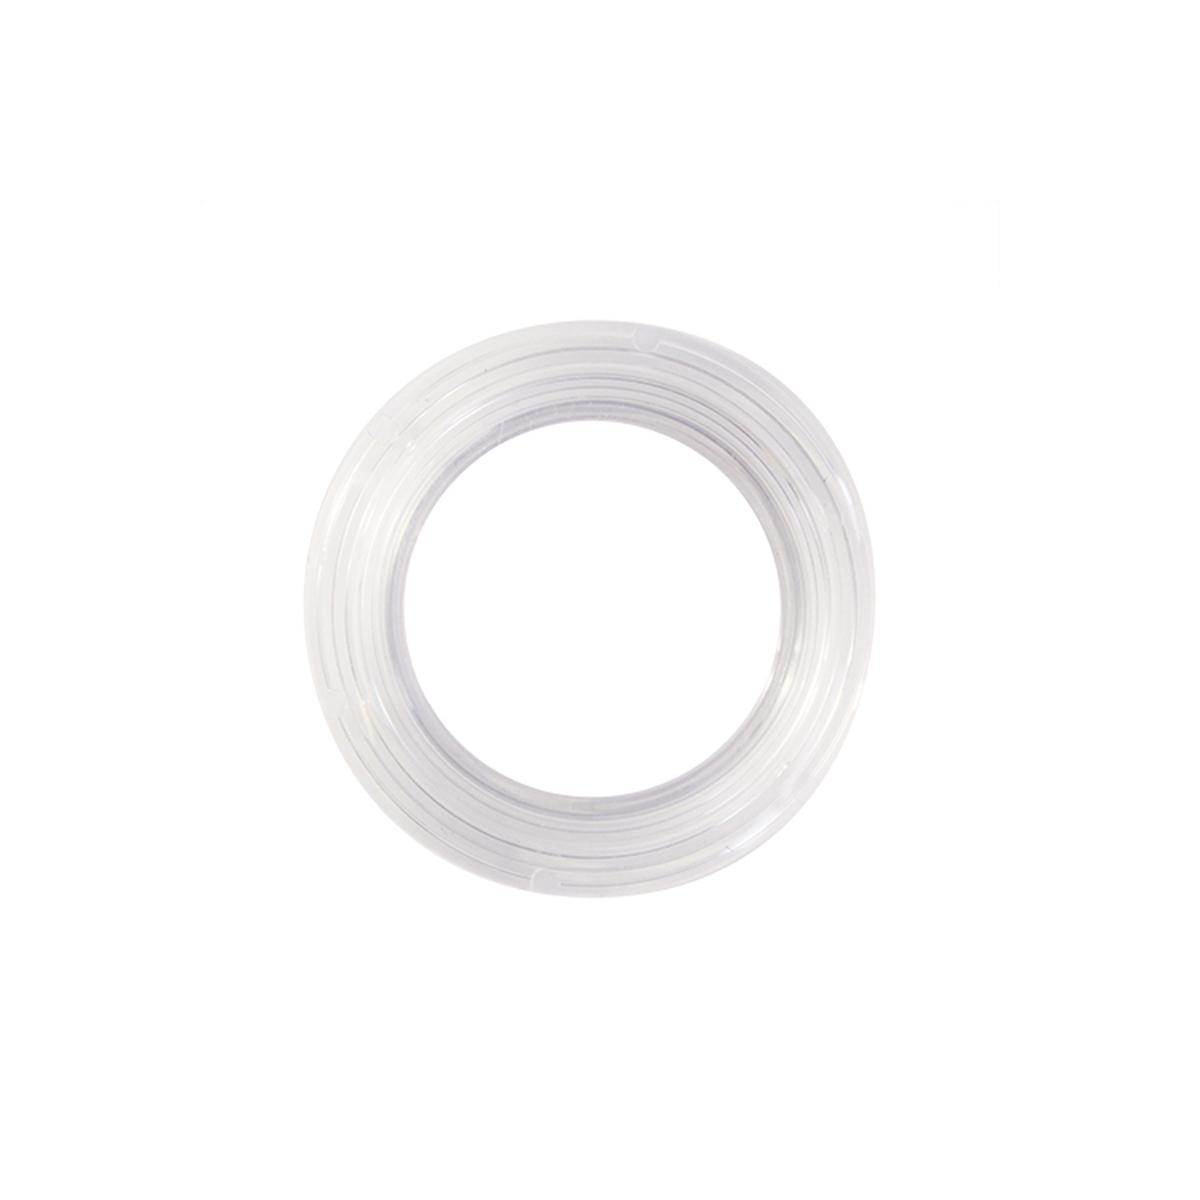 Набор люверсов Вельвет, цвет: прозрачный, диаметр 35 мм, 10 шт544088Набор Вельвет состоит из 10 люверсов, выполненных из пластика. Люверсы представляют собой кольца особой формы, которые служат для окантовки отверстий в разных материалах. Используются в качестве фурнитуры для кожгалантерейных, текстильных, обувных изделий, также подходят для бумаги и картона. Через люверсы продеваются шнурки, ленты, тесьма. Изделия Вельвет помогут воплотить вашу творческую задумку и добавят вдохновения для новых идей. Внутренний диаметр: 35 мм.